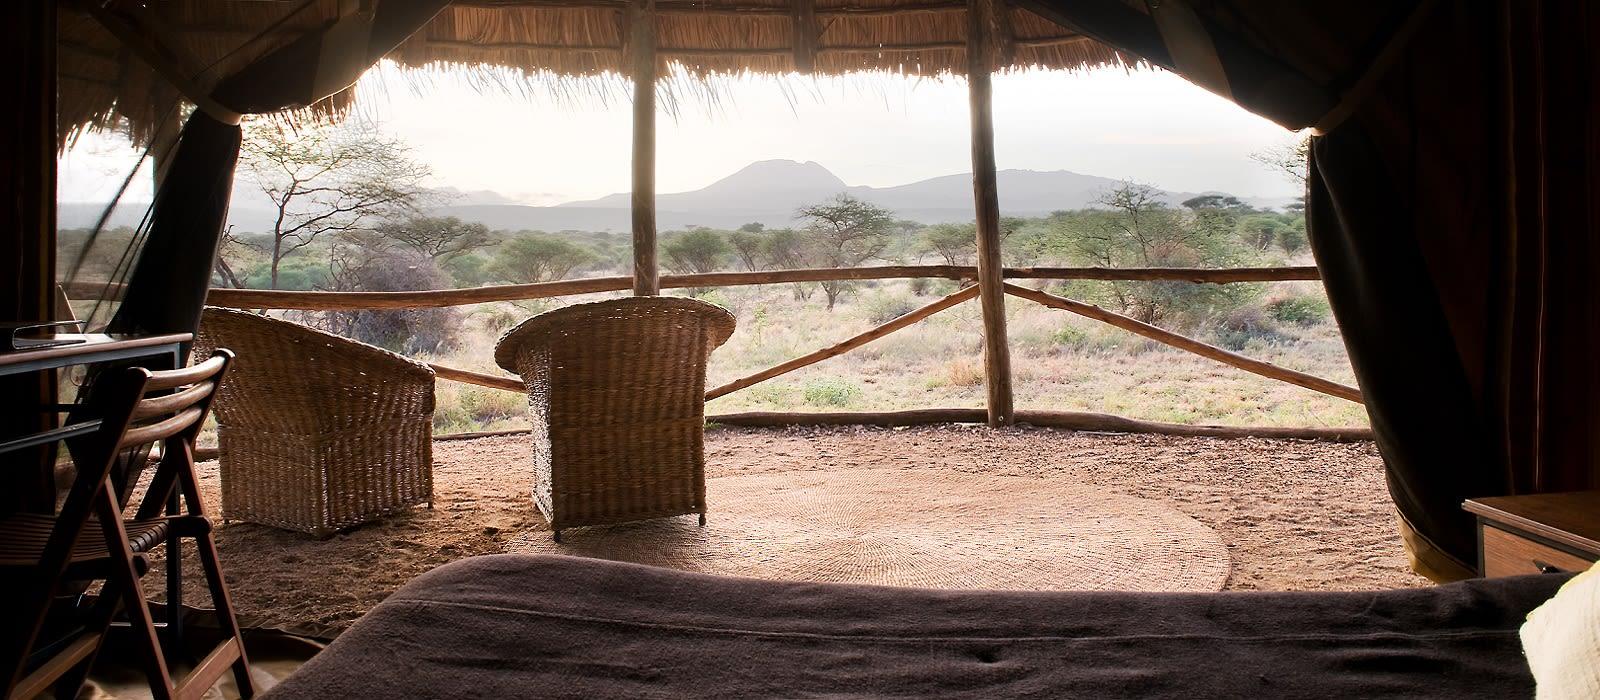 Hotel Kambi ya Tembo Tanzania